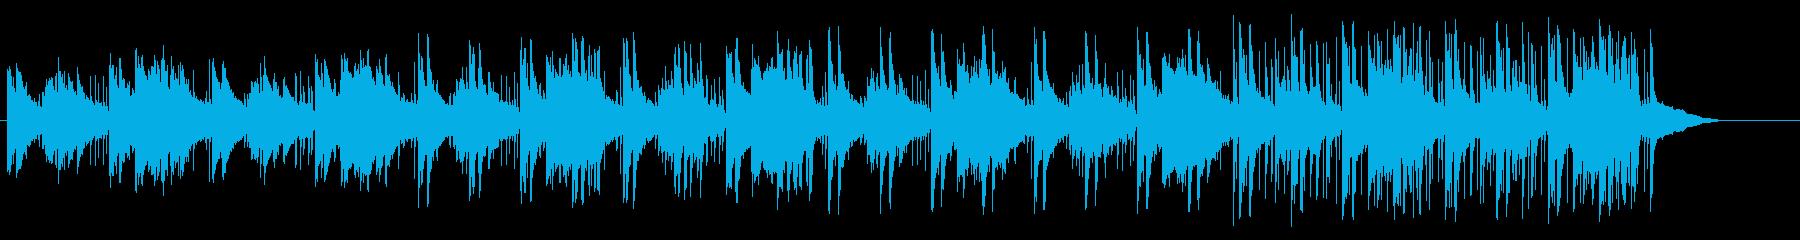 サスペンス風マイナー・ドキュメントの再生済みの波形